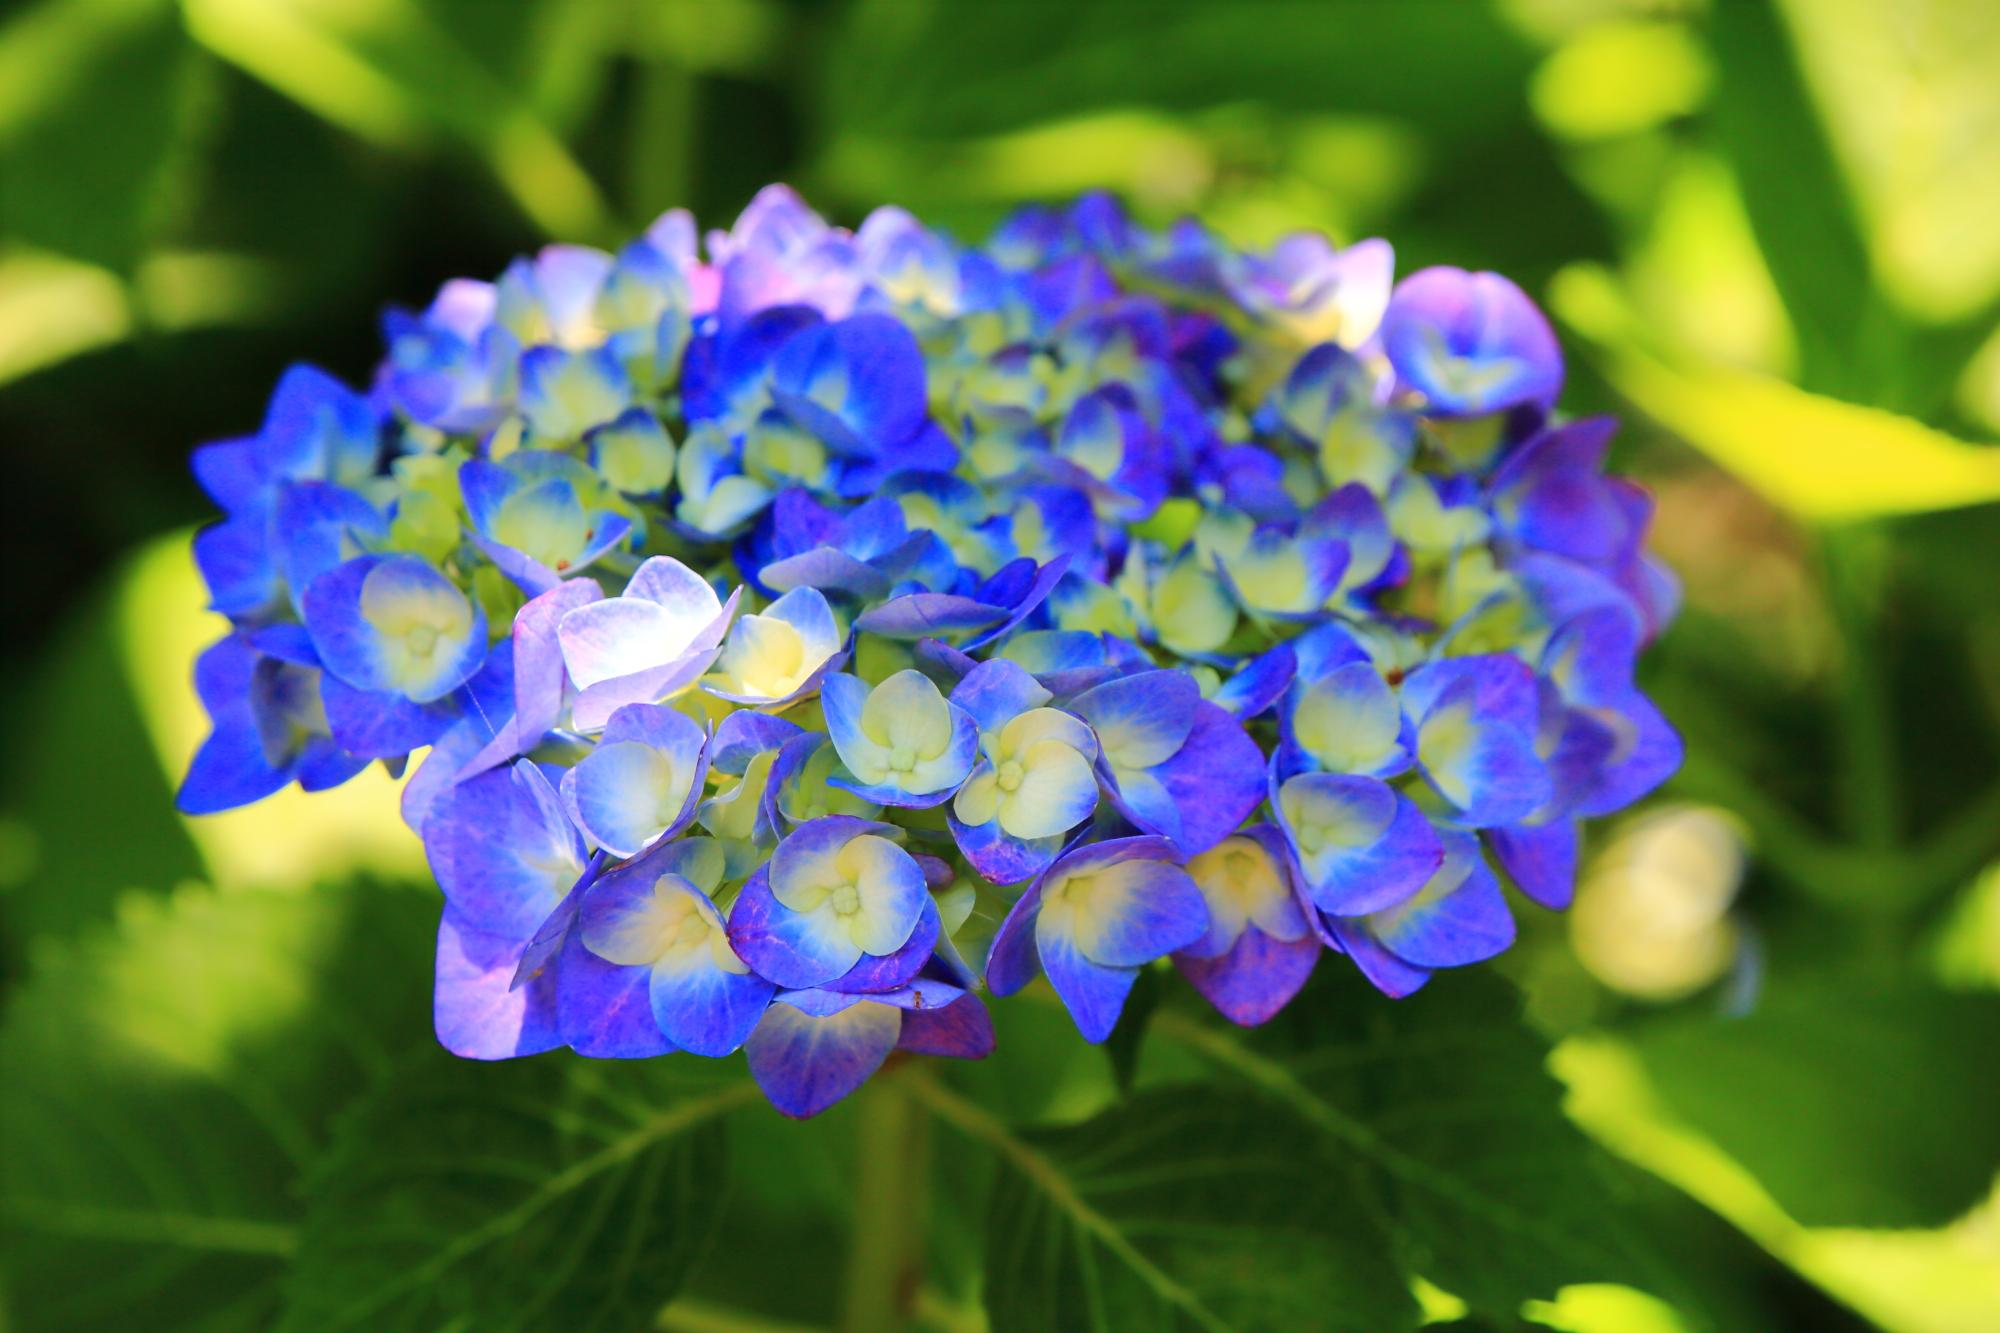 梅宮大社の爽やかな青と紫の混ざった紫陽花